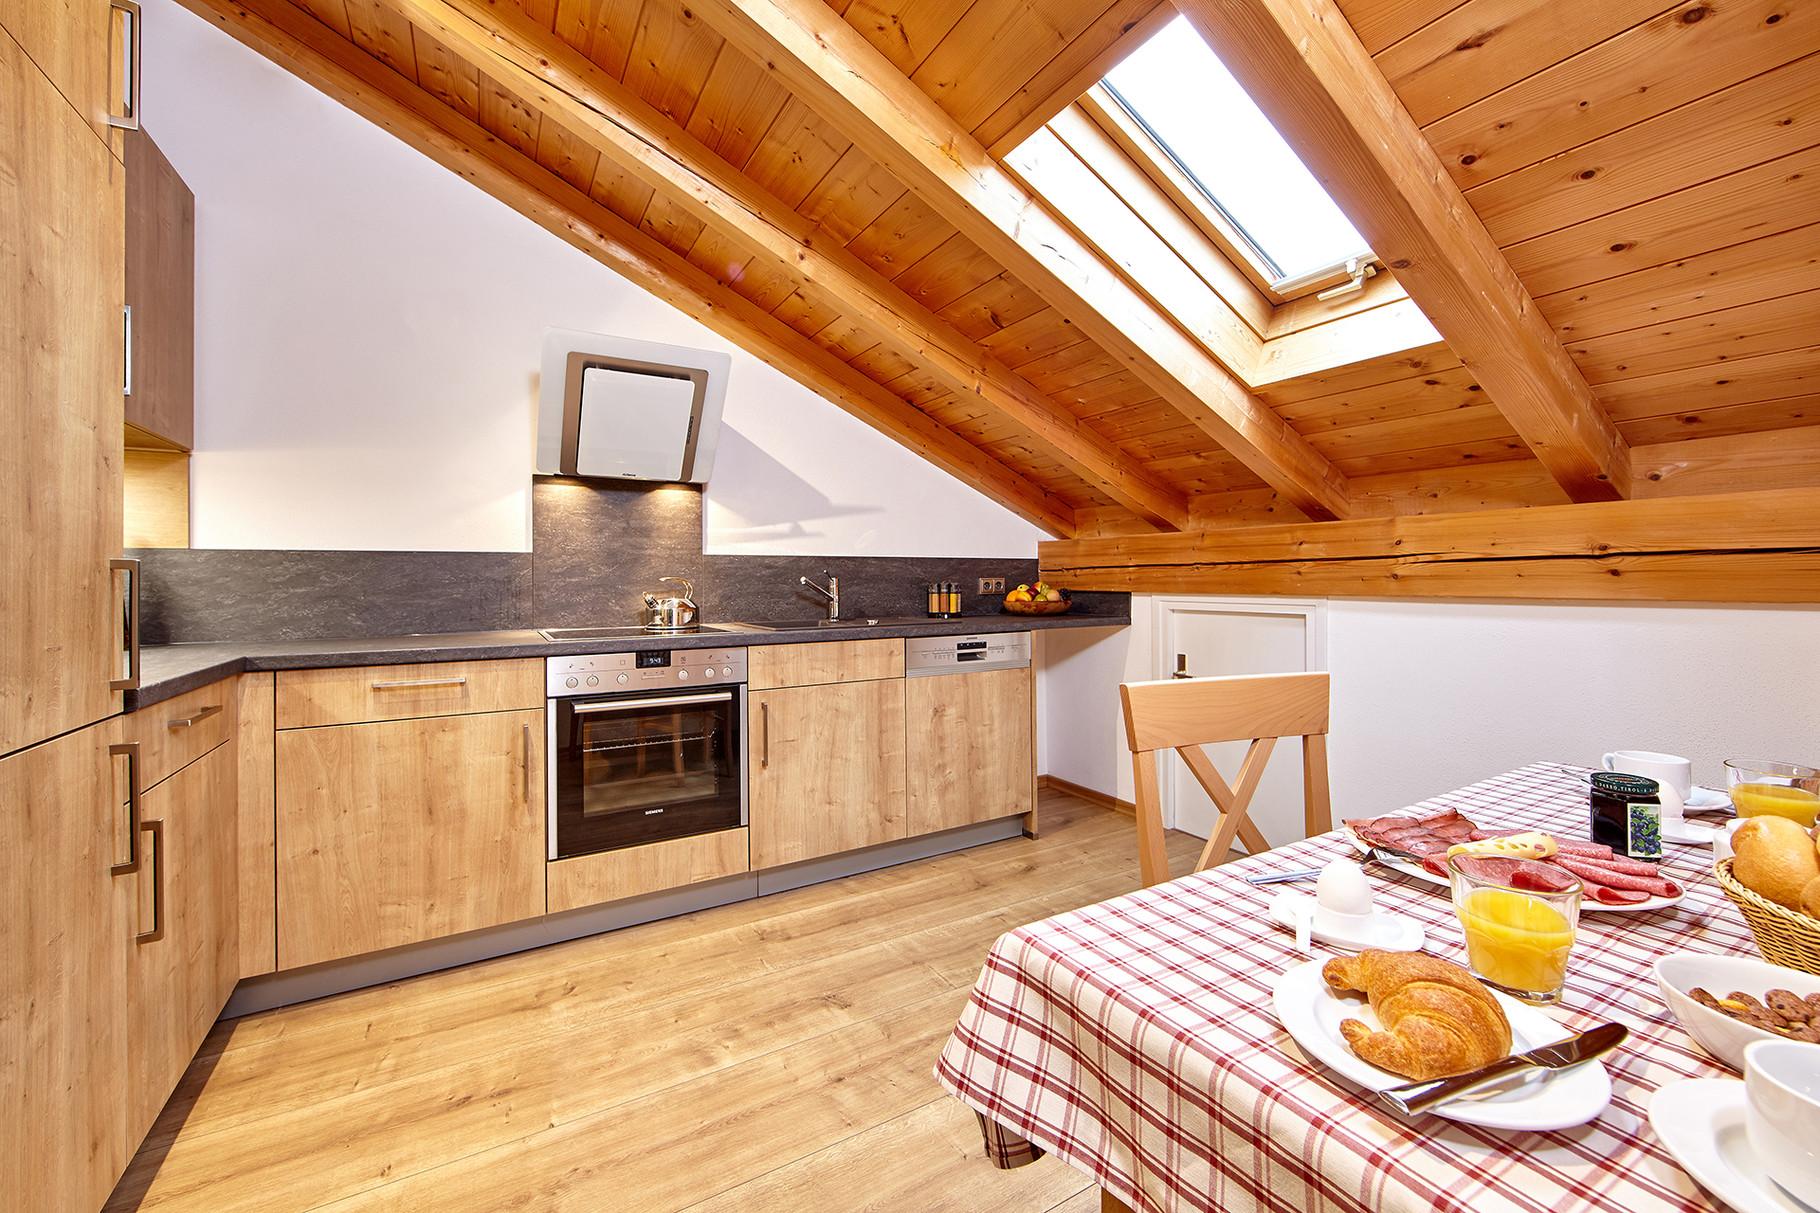 Küche - Ferienwohnungen Wilhelm in Garmisch-Partenkirchen